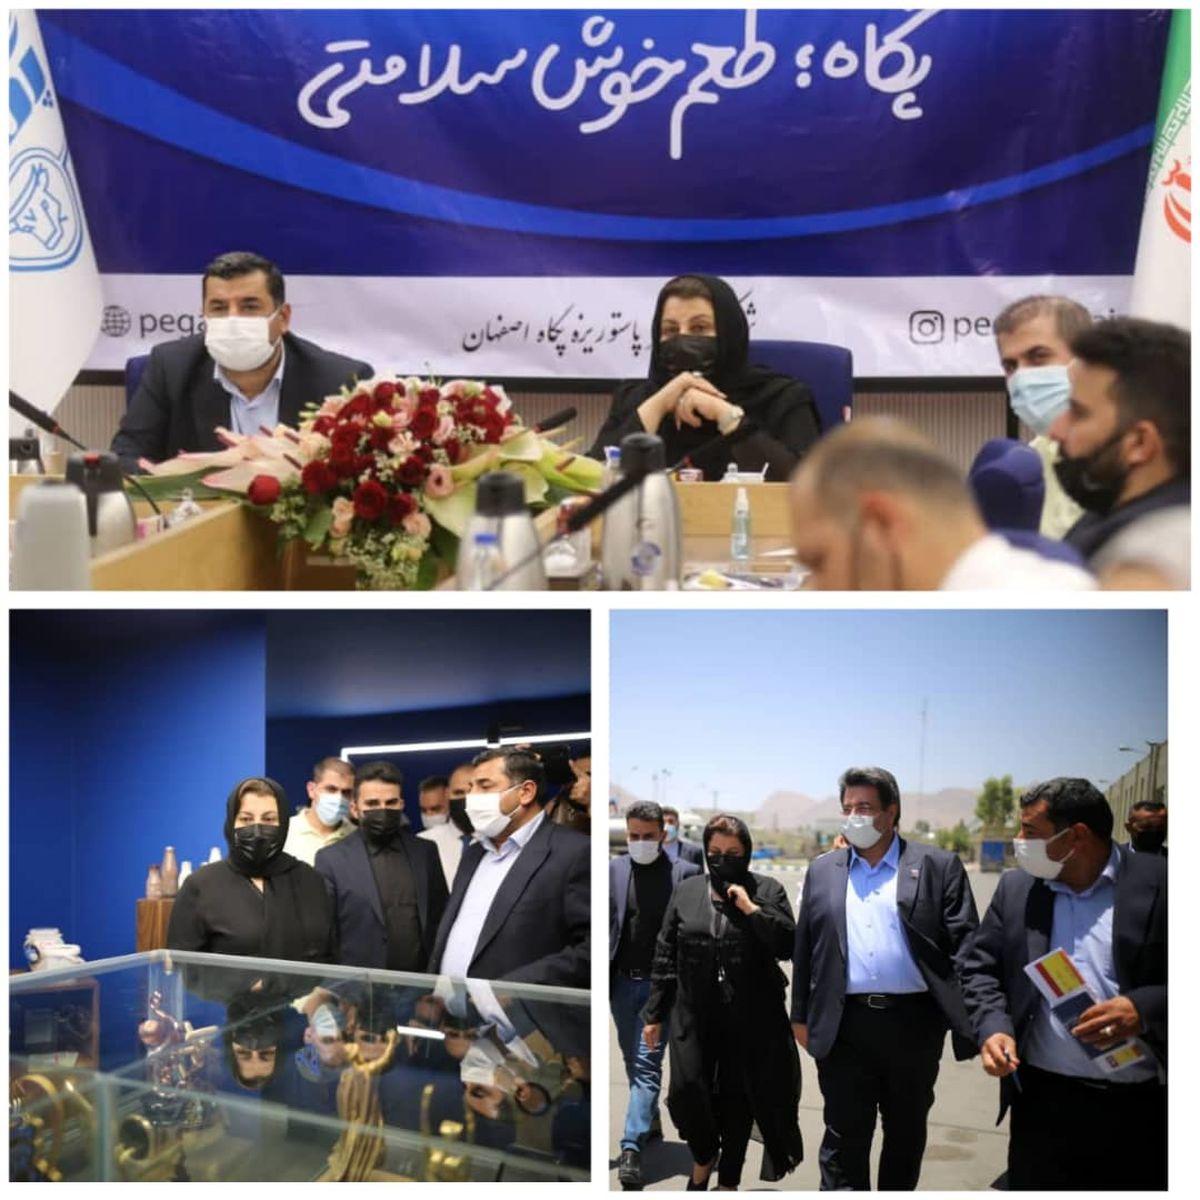 حضور پررنگ محصولات پگاه در اقلیم کردستان عراق